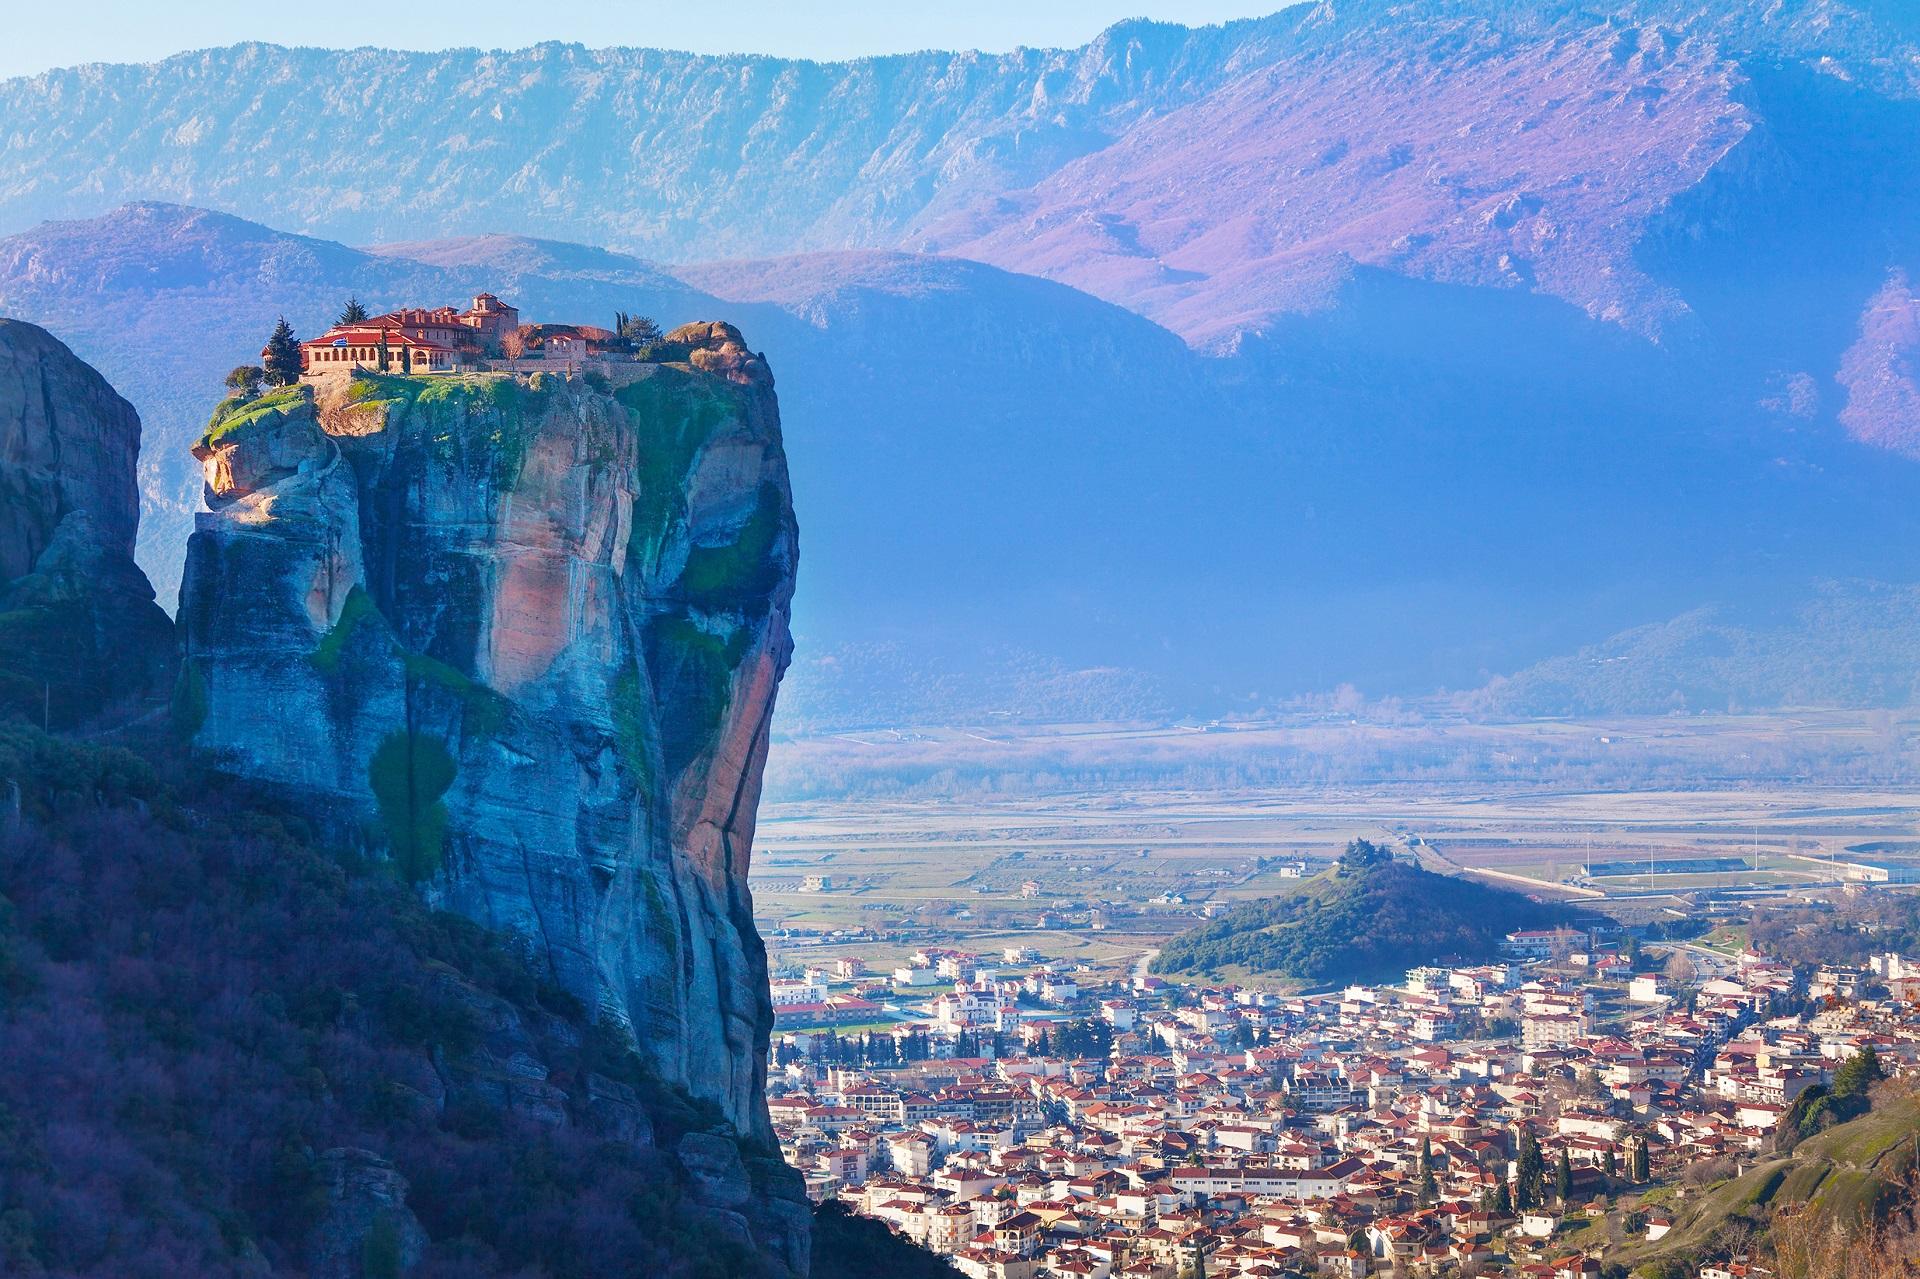 Meteora and Kalambaka